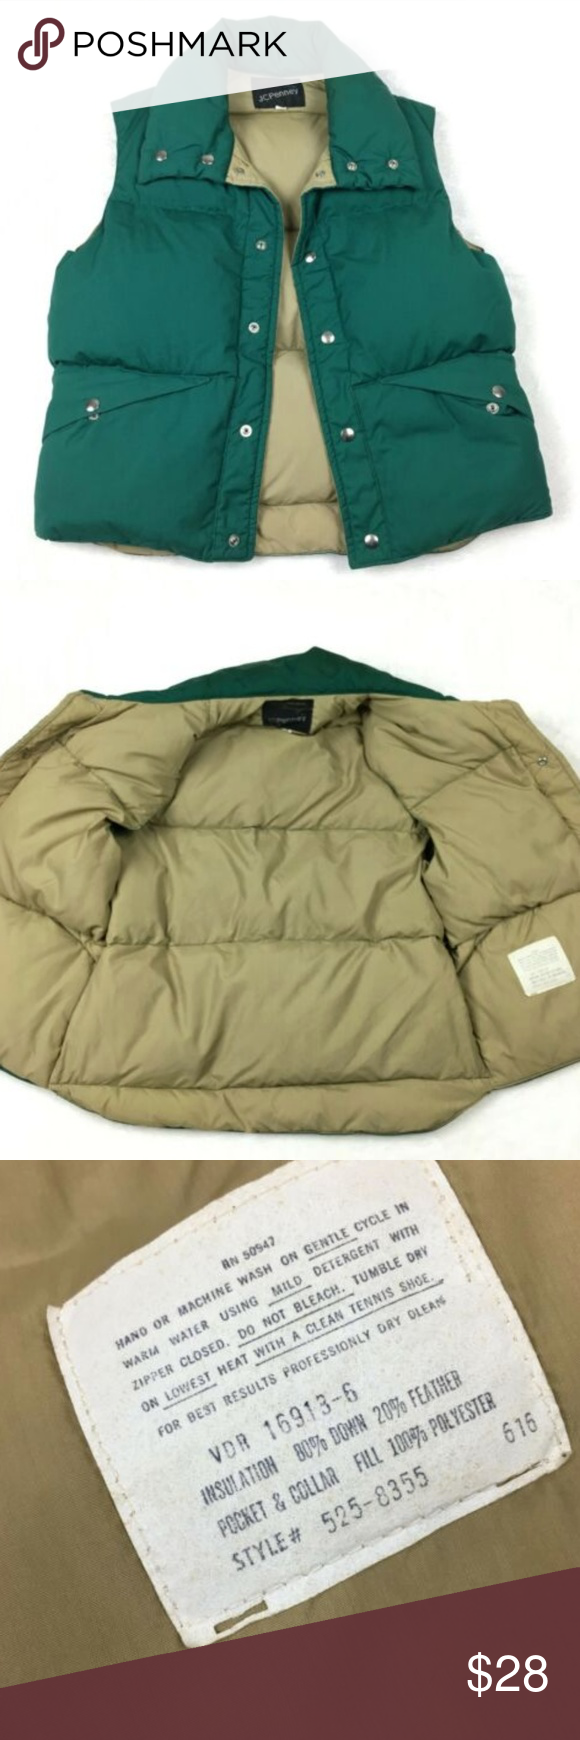 Vintage Down Filled JC Penney Puffer Vest